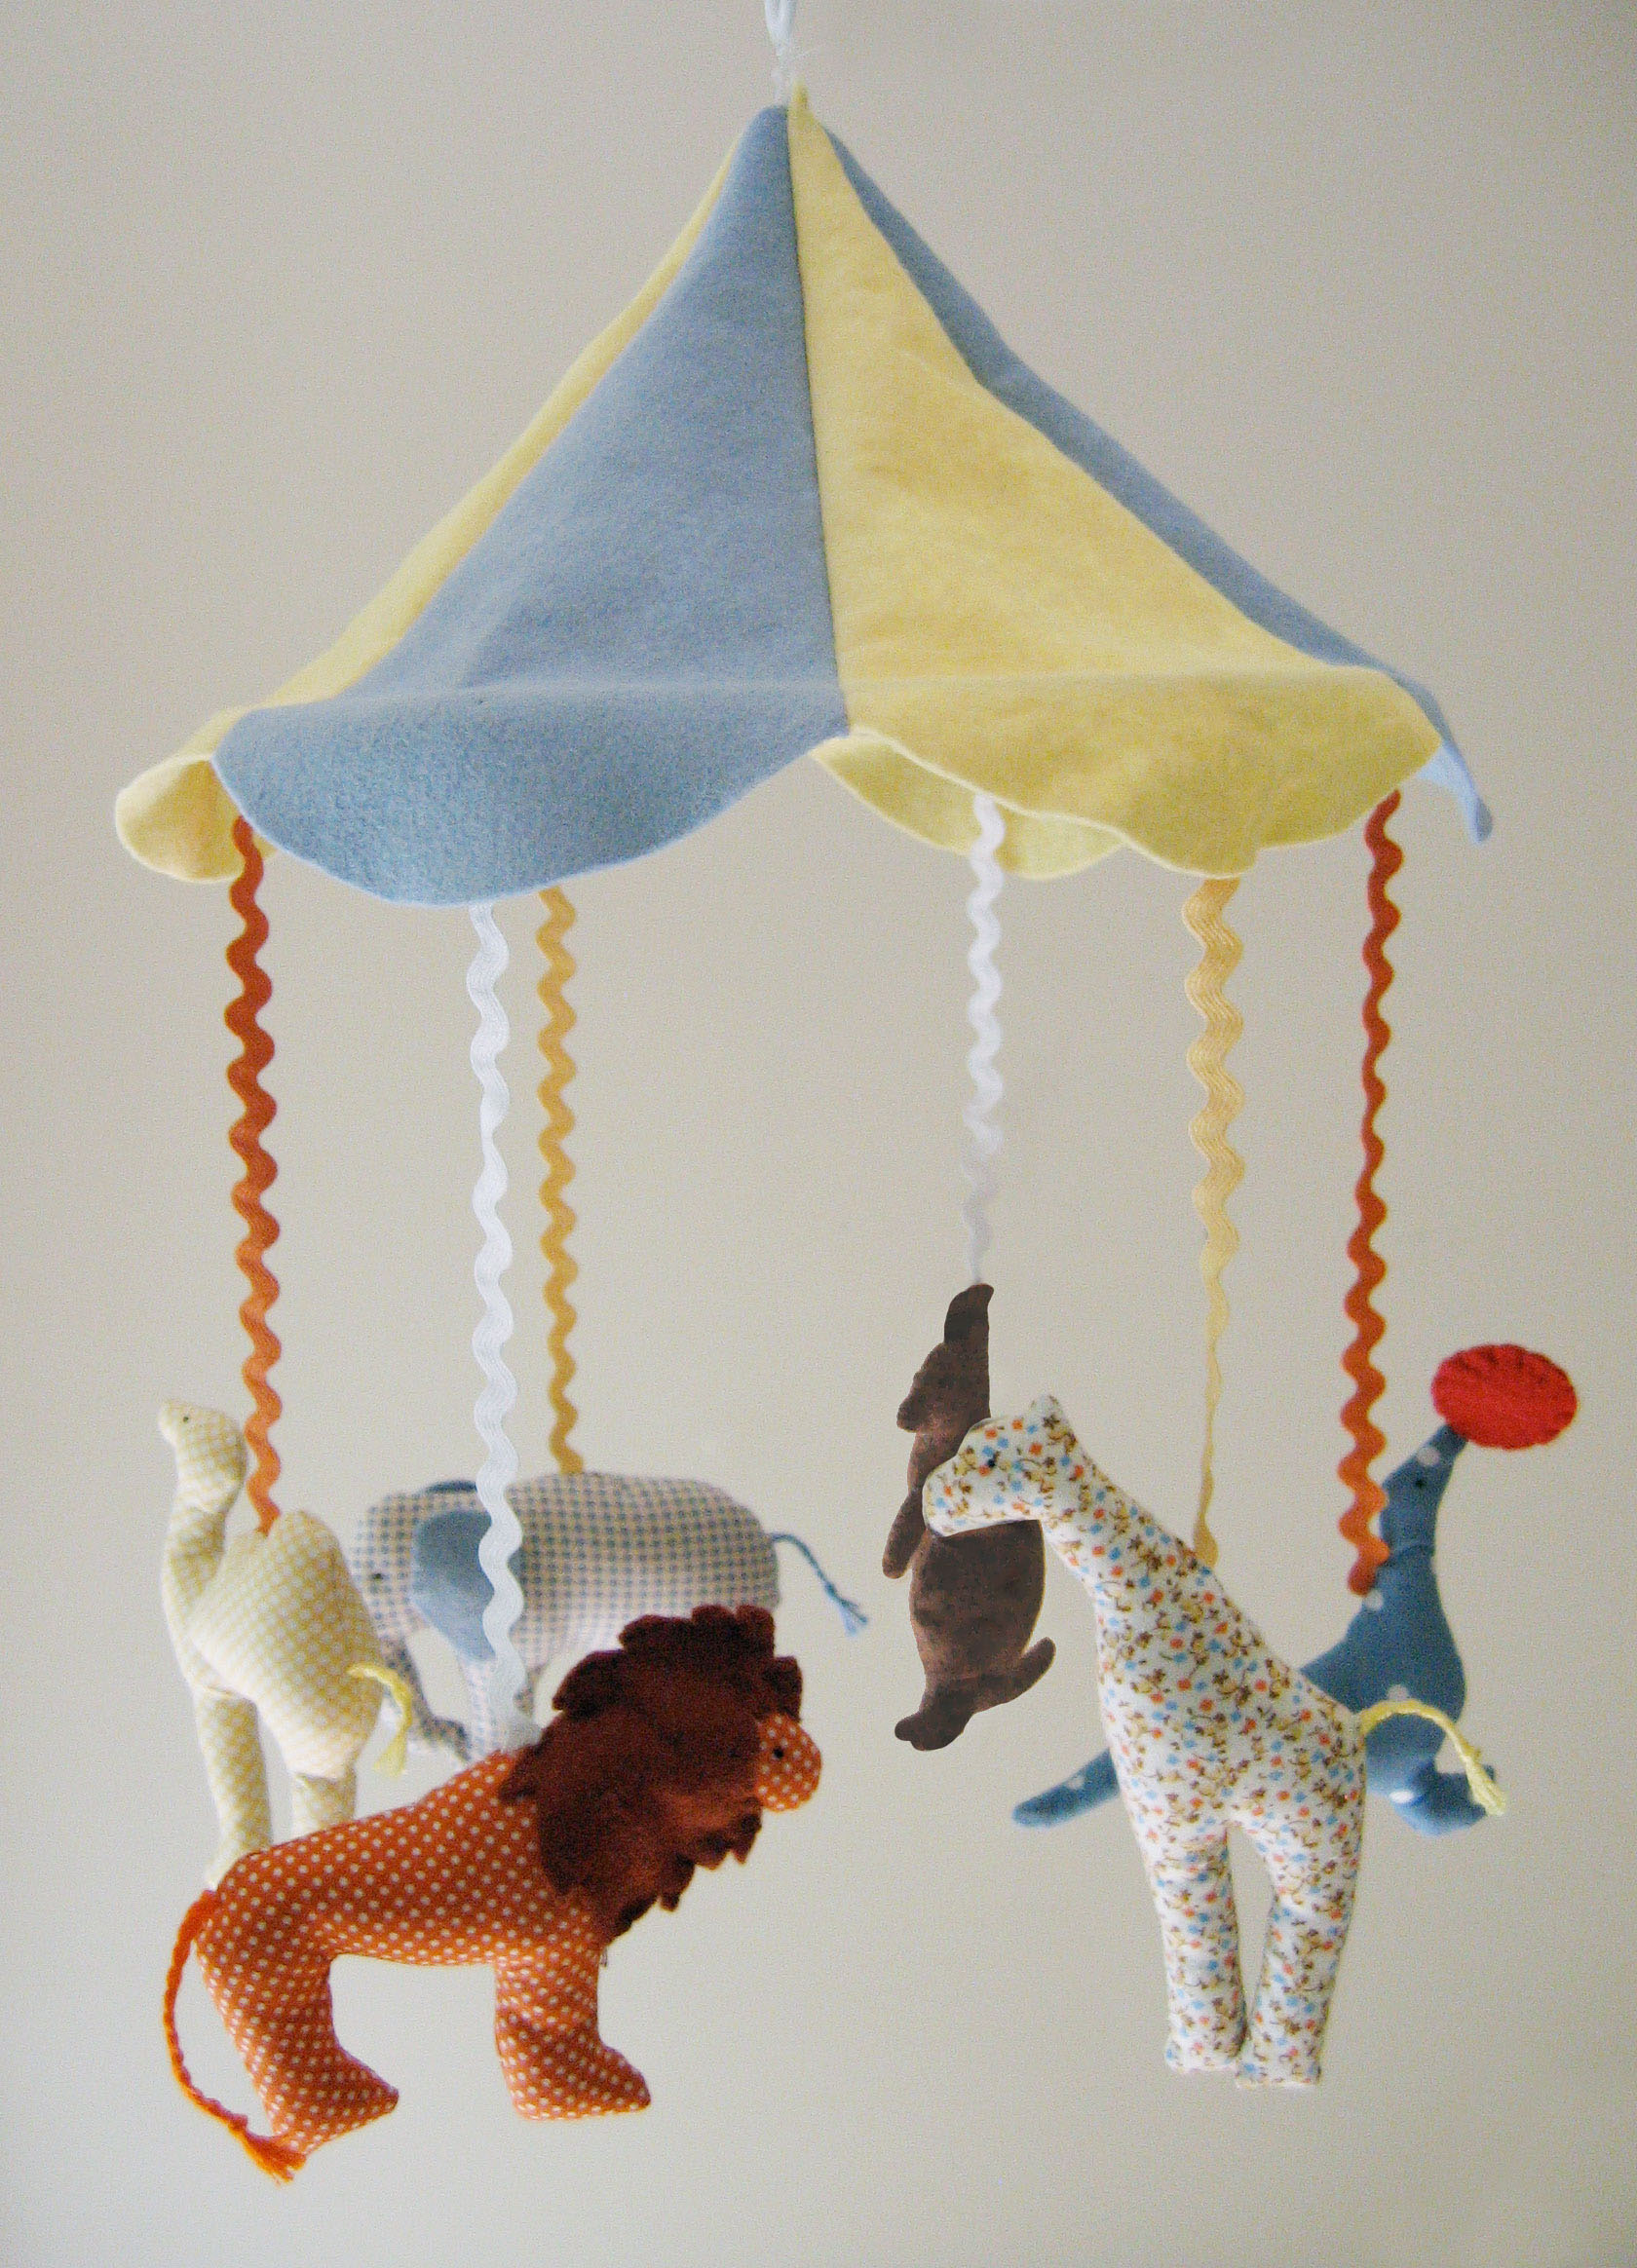 circus-mobile